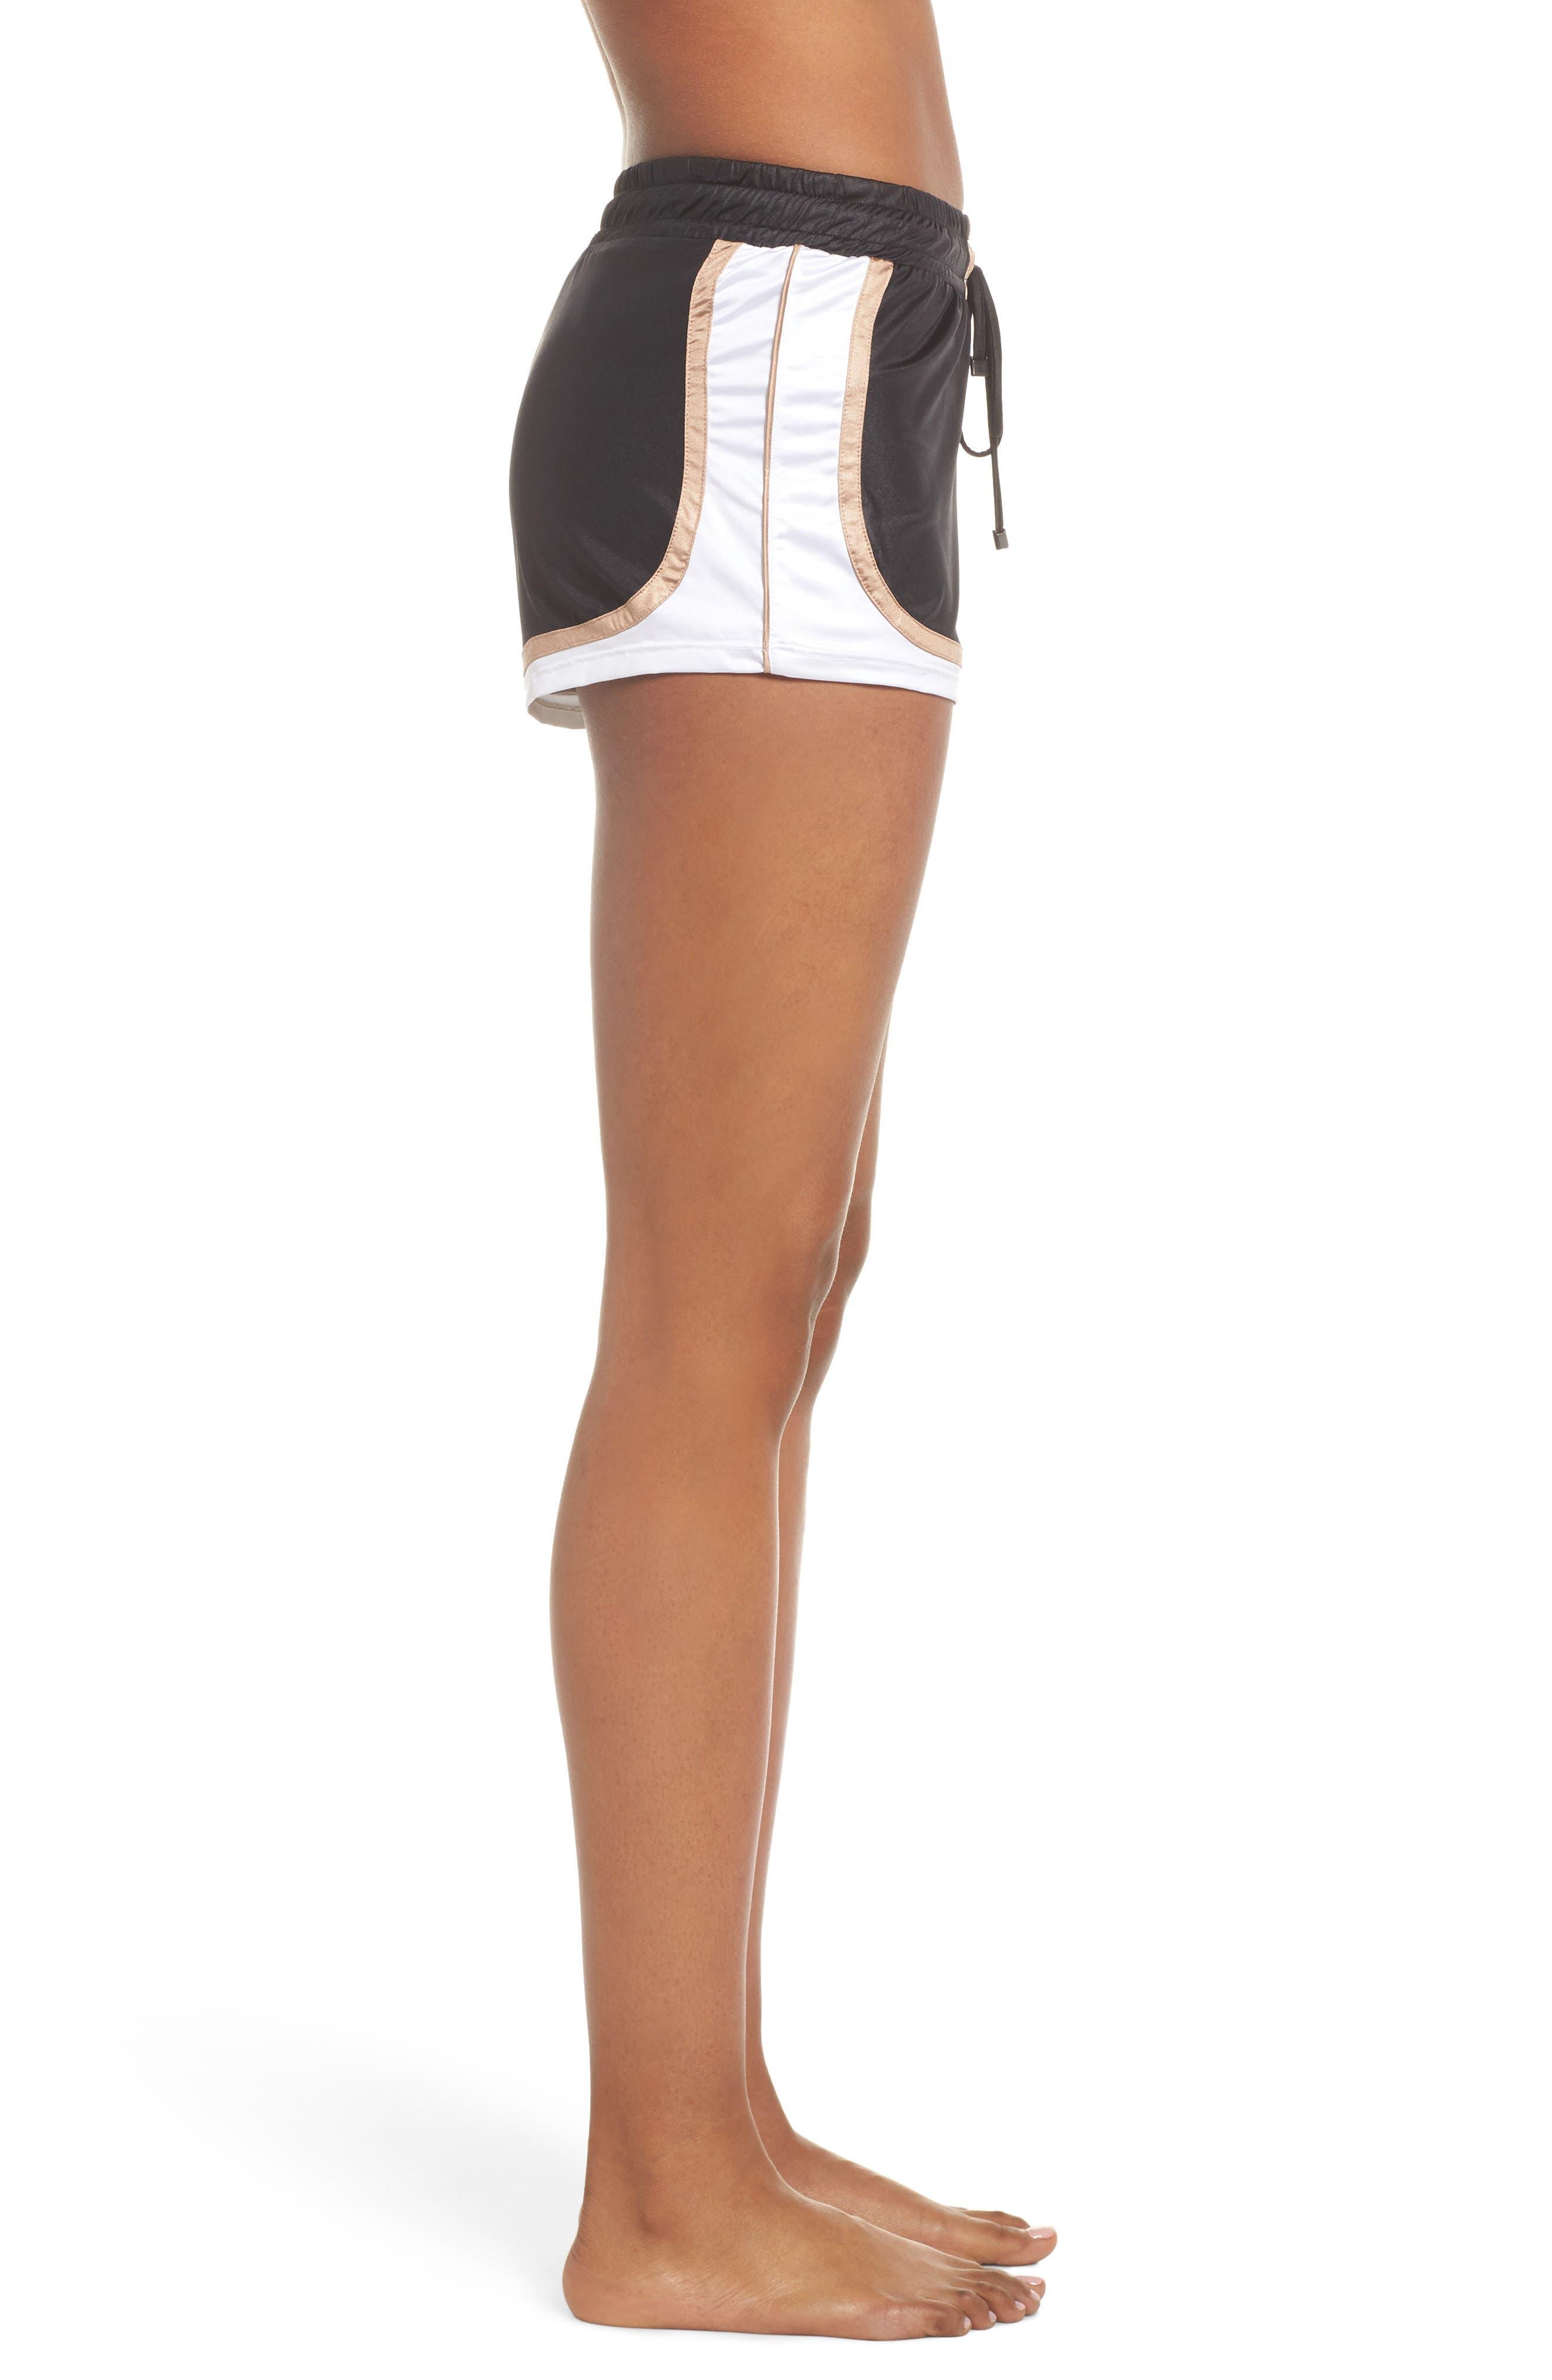 Blackout Shorts,                             Alternate thumbnail 3, color,                             BLACK/ NUDE/ WHITE